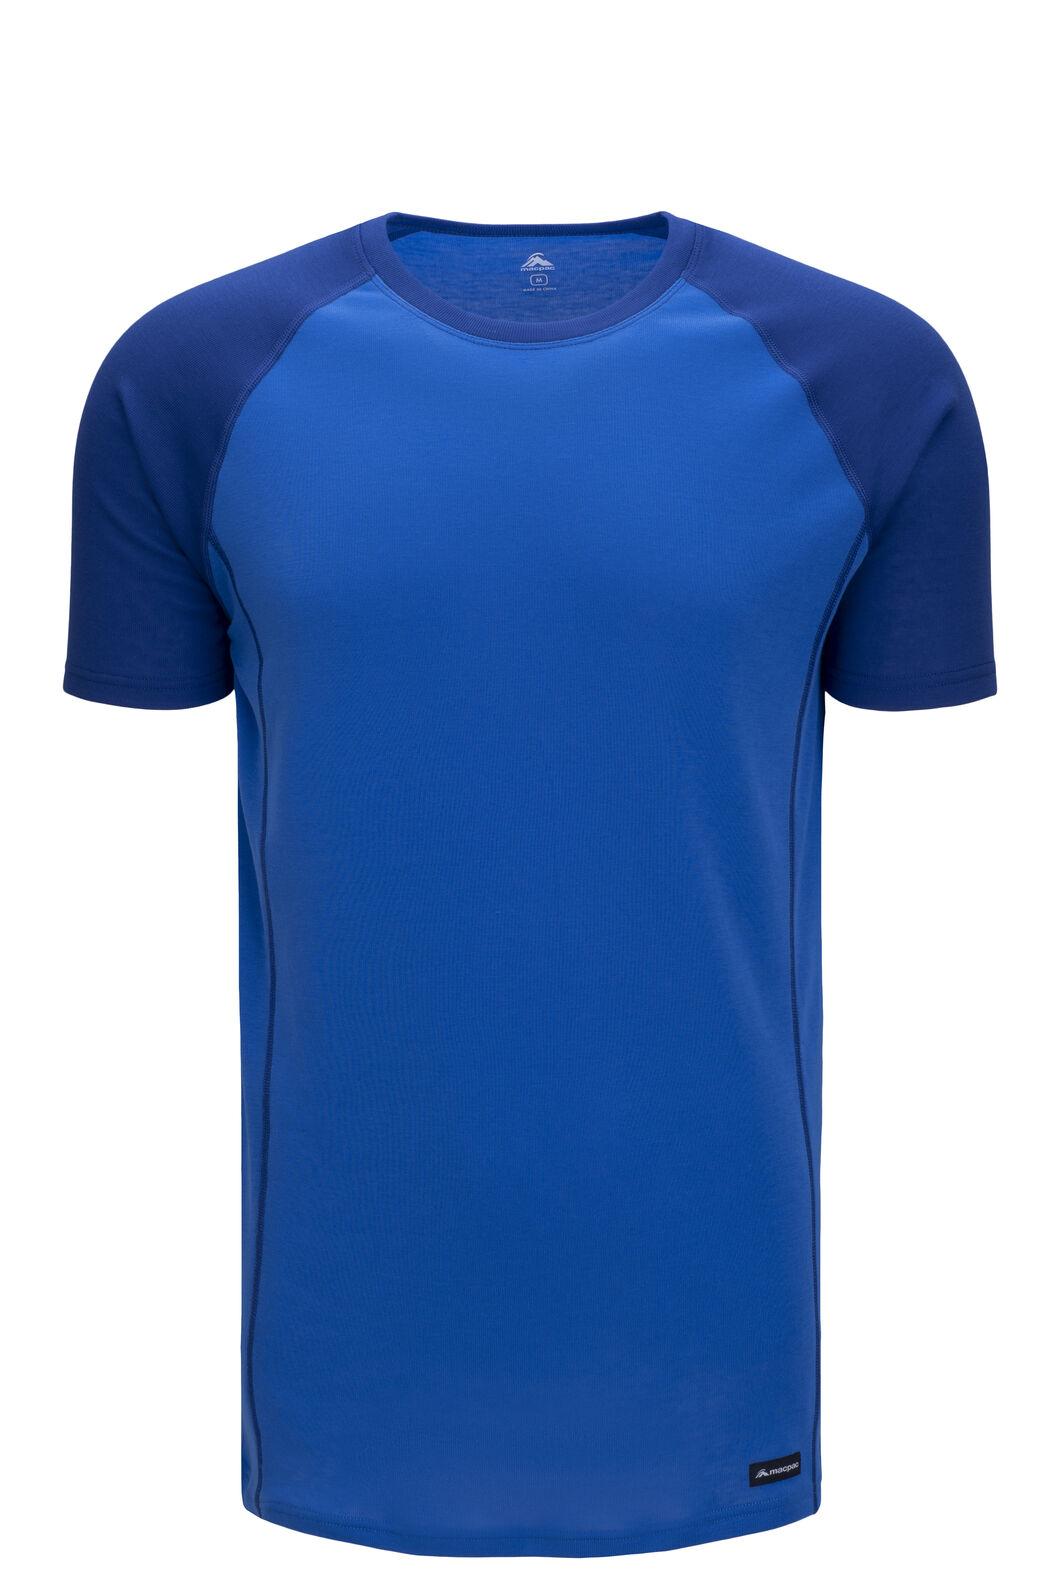 Macpac Men's Geothermal Short Sleeve Tee, Sodalite Blue/Strong Blue, hi-res